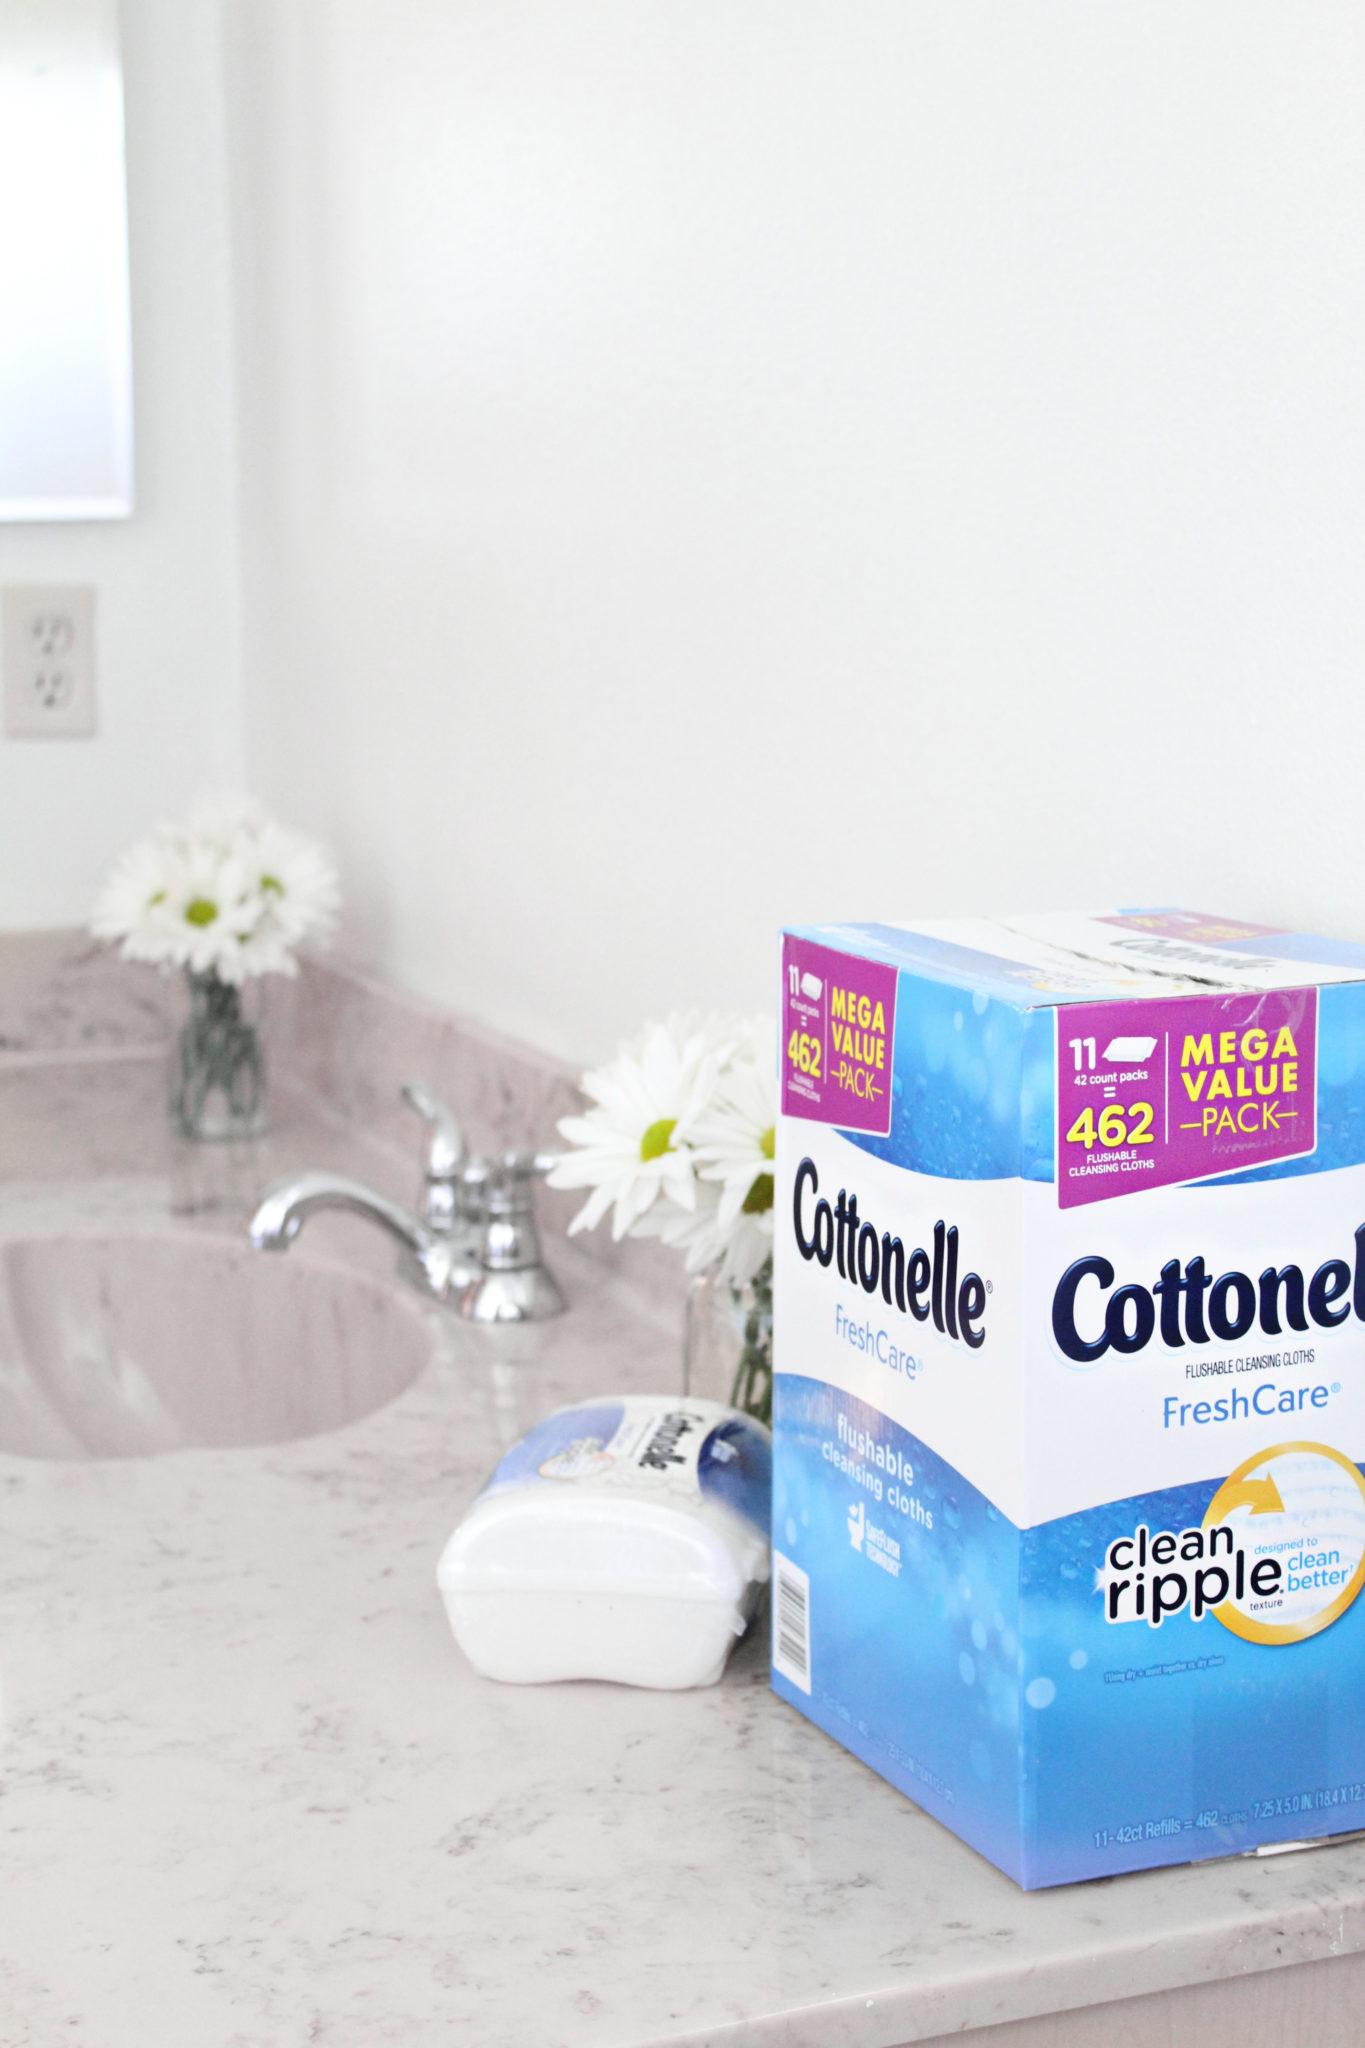 Cottonelle FreshCare Flushable Wipes